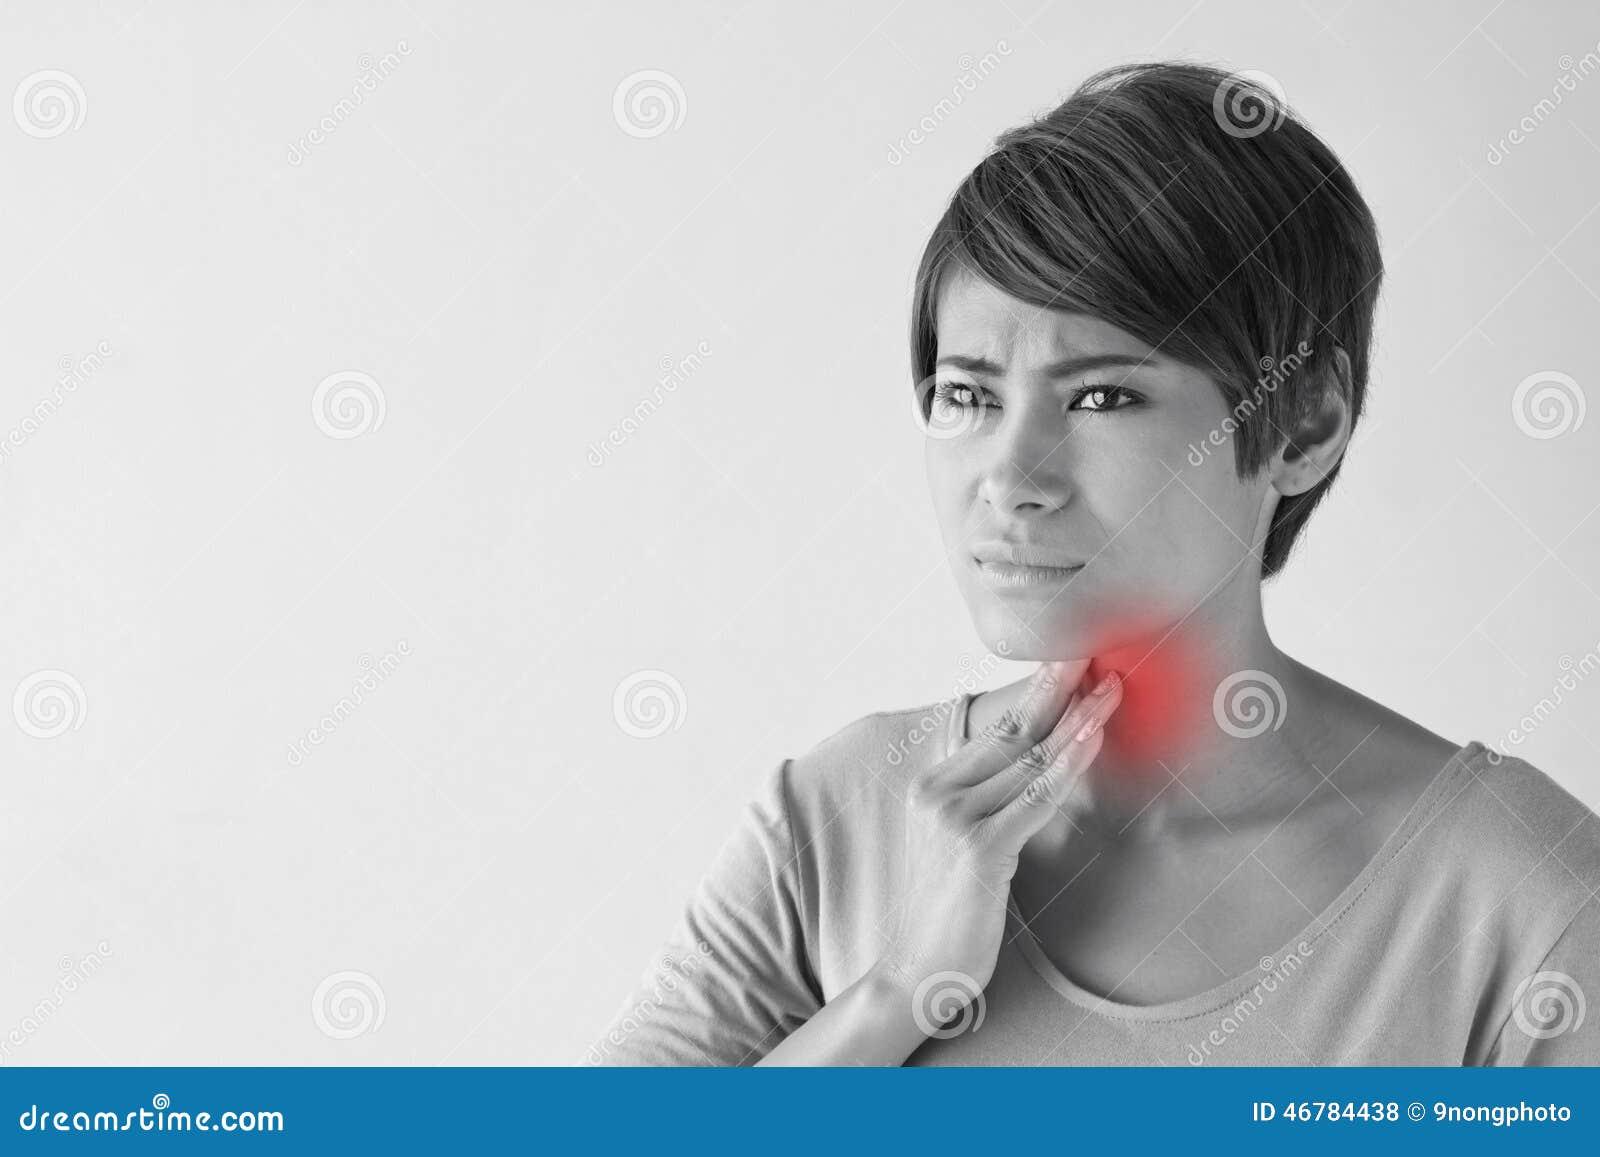 Mujer enferma con la garganta dolorida, inflamación